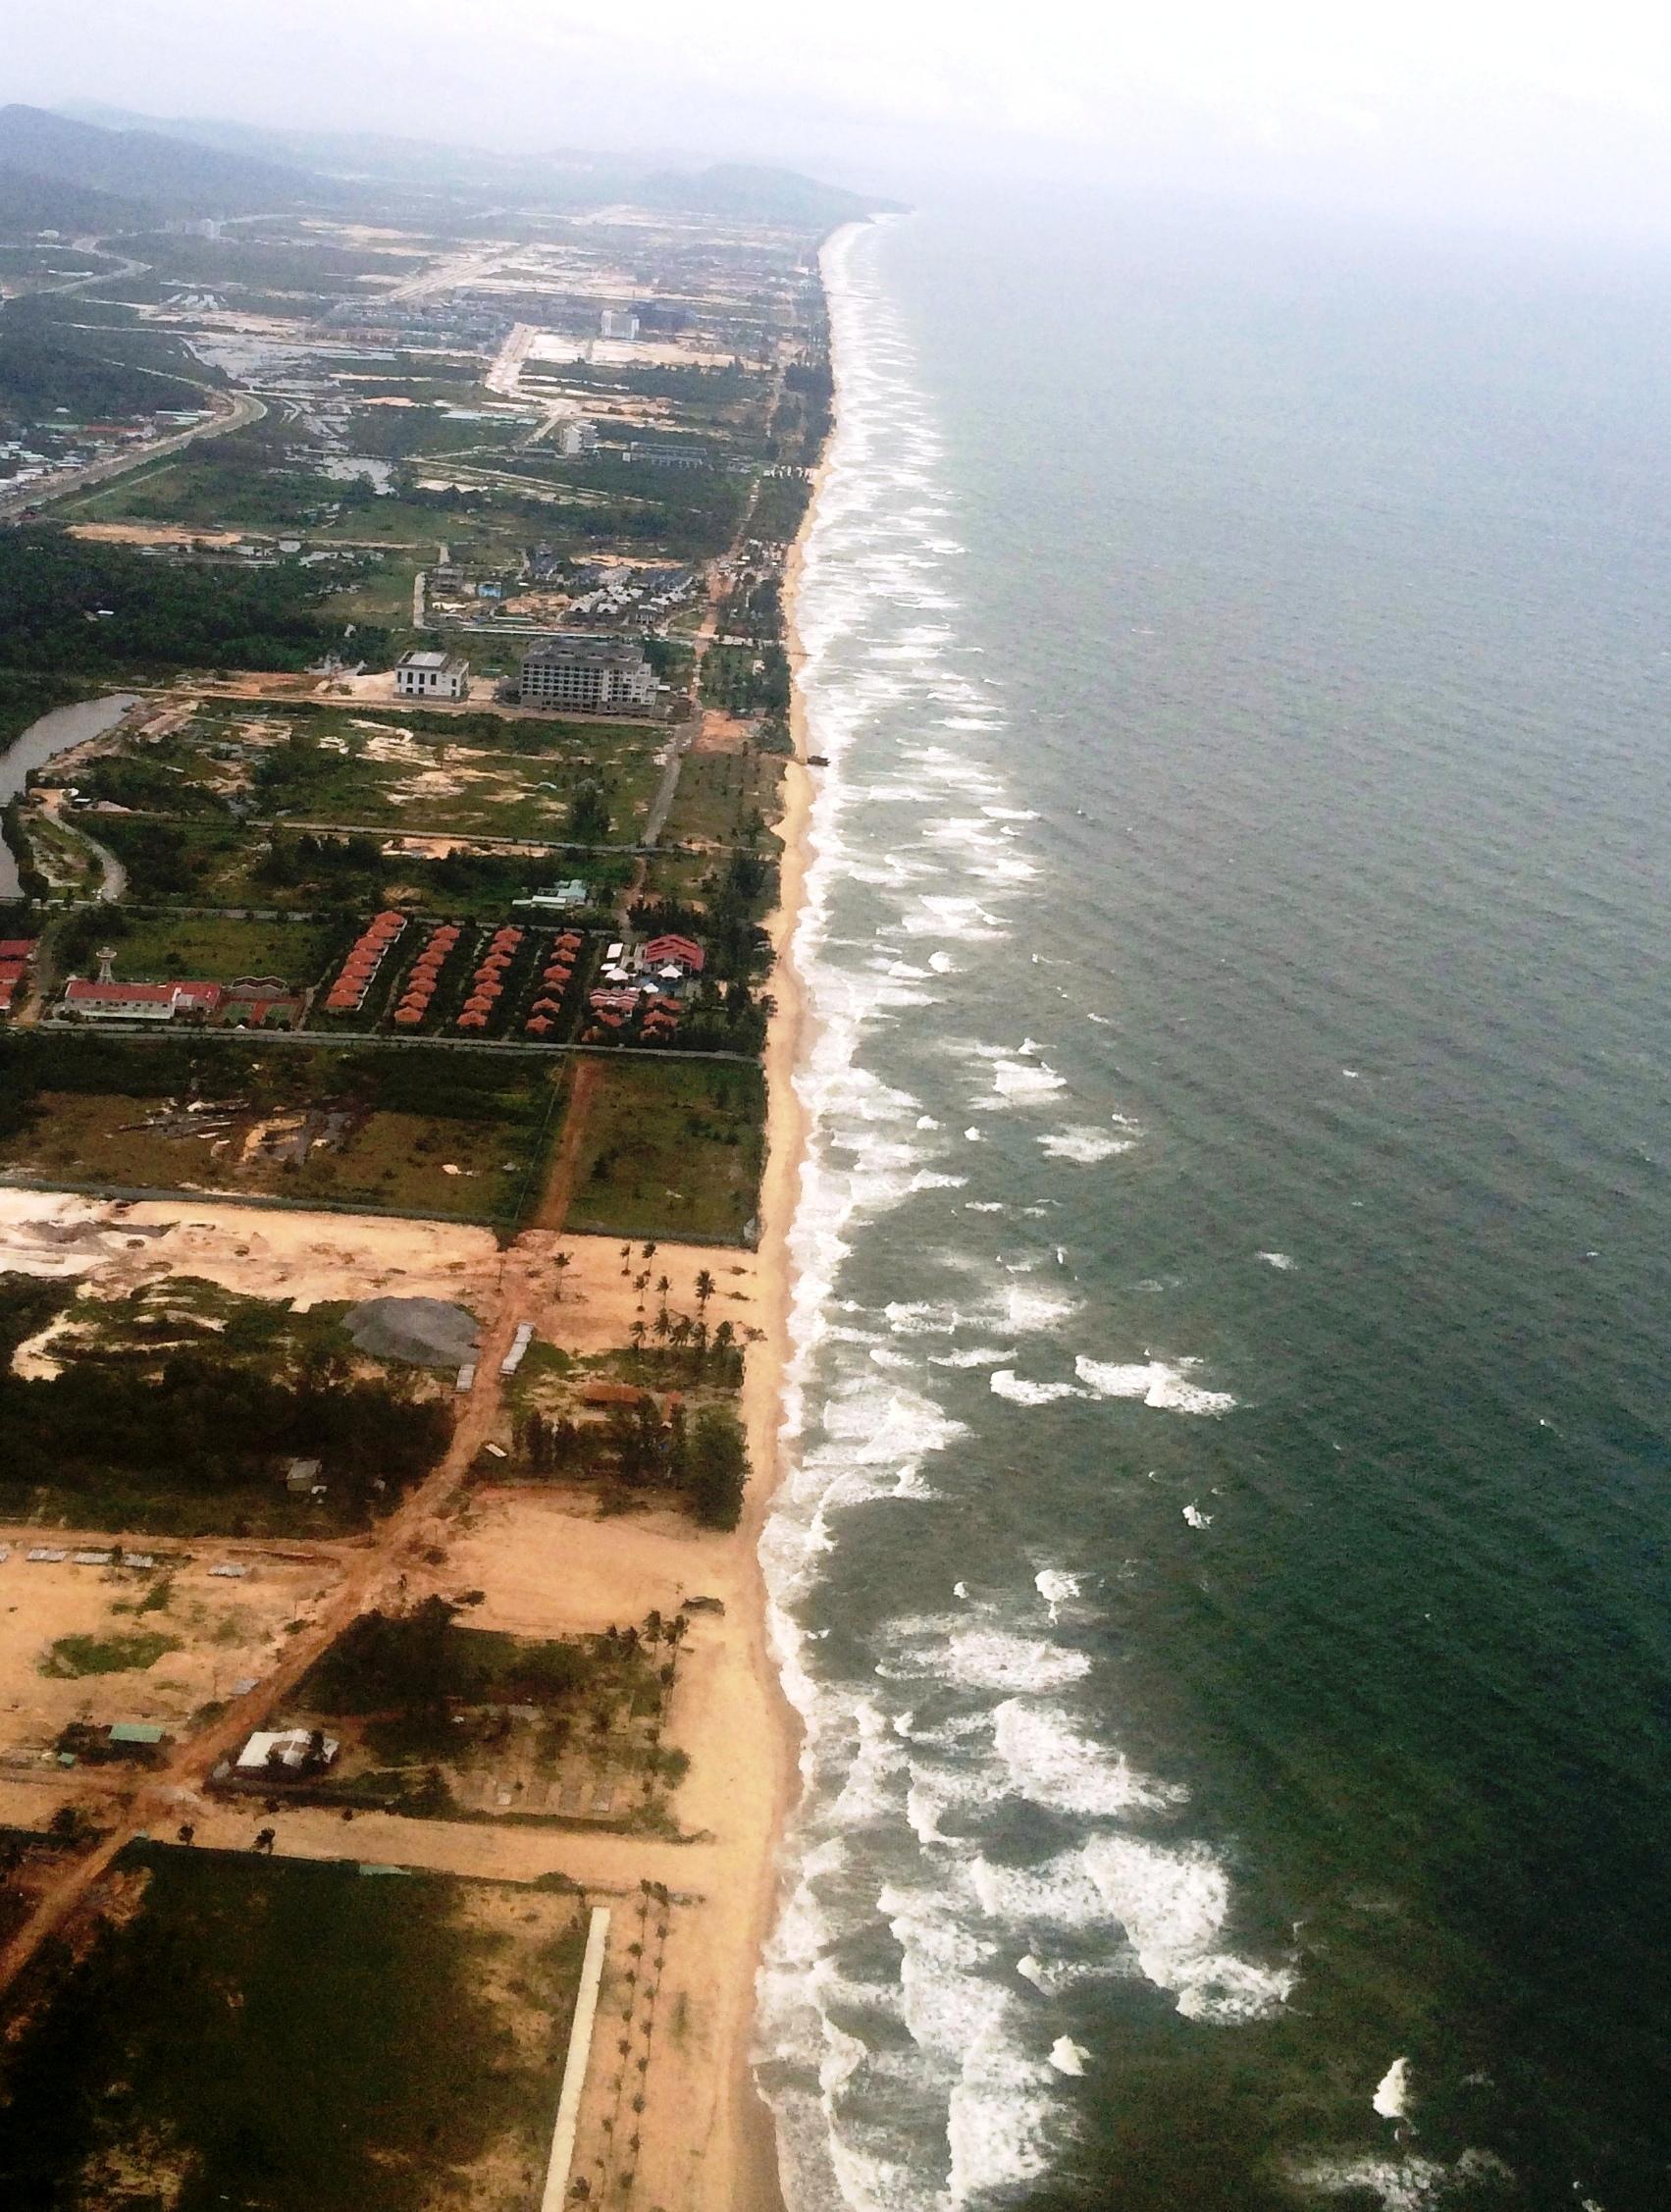 Bãi biển tại Phú Quốc - Nguồn ảnh: Doãn Đức